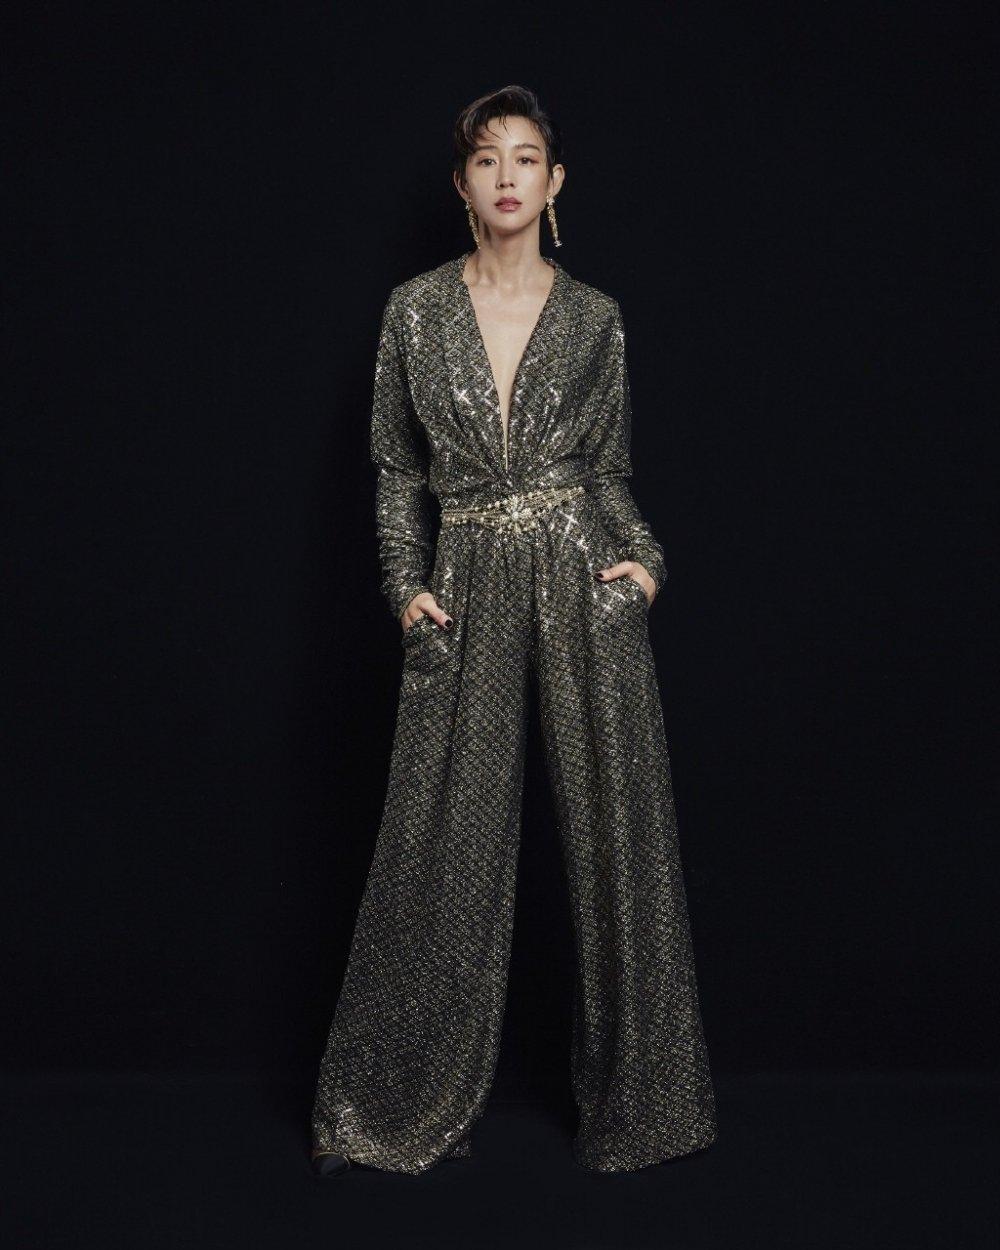 张钧甯深V真空蛇纹连体衣性感英气时尚图片